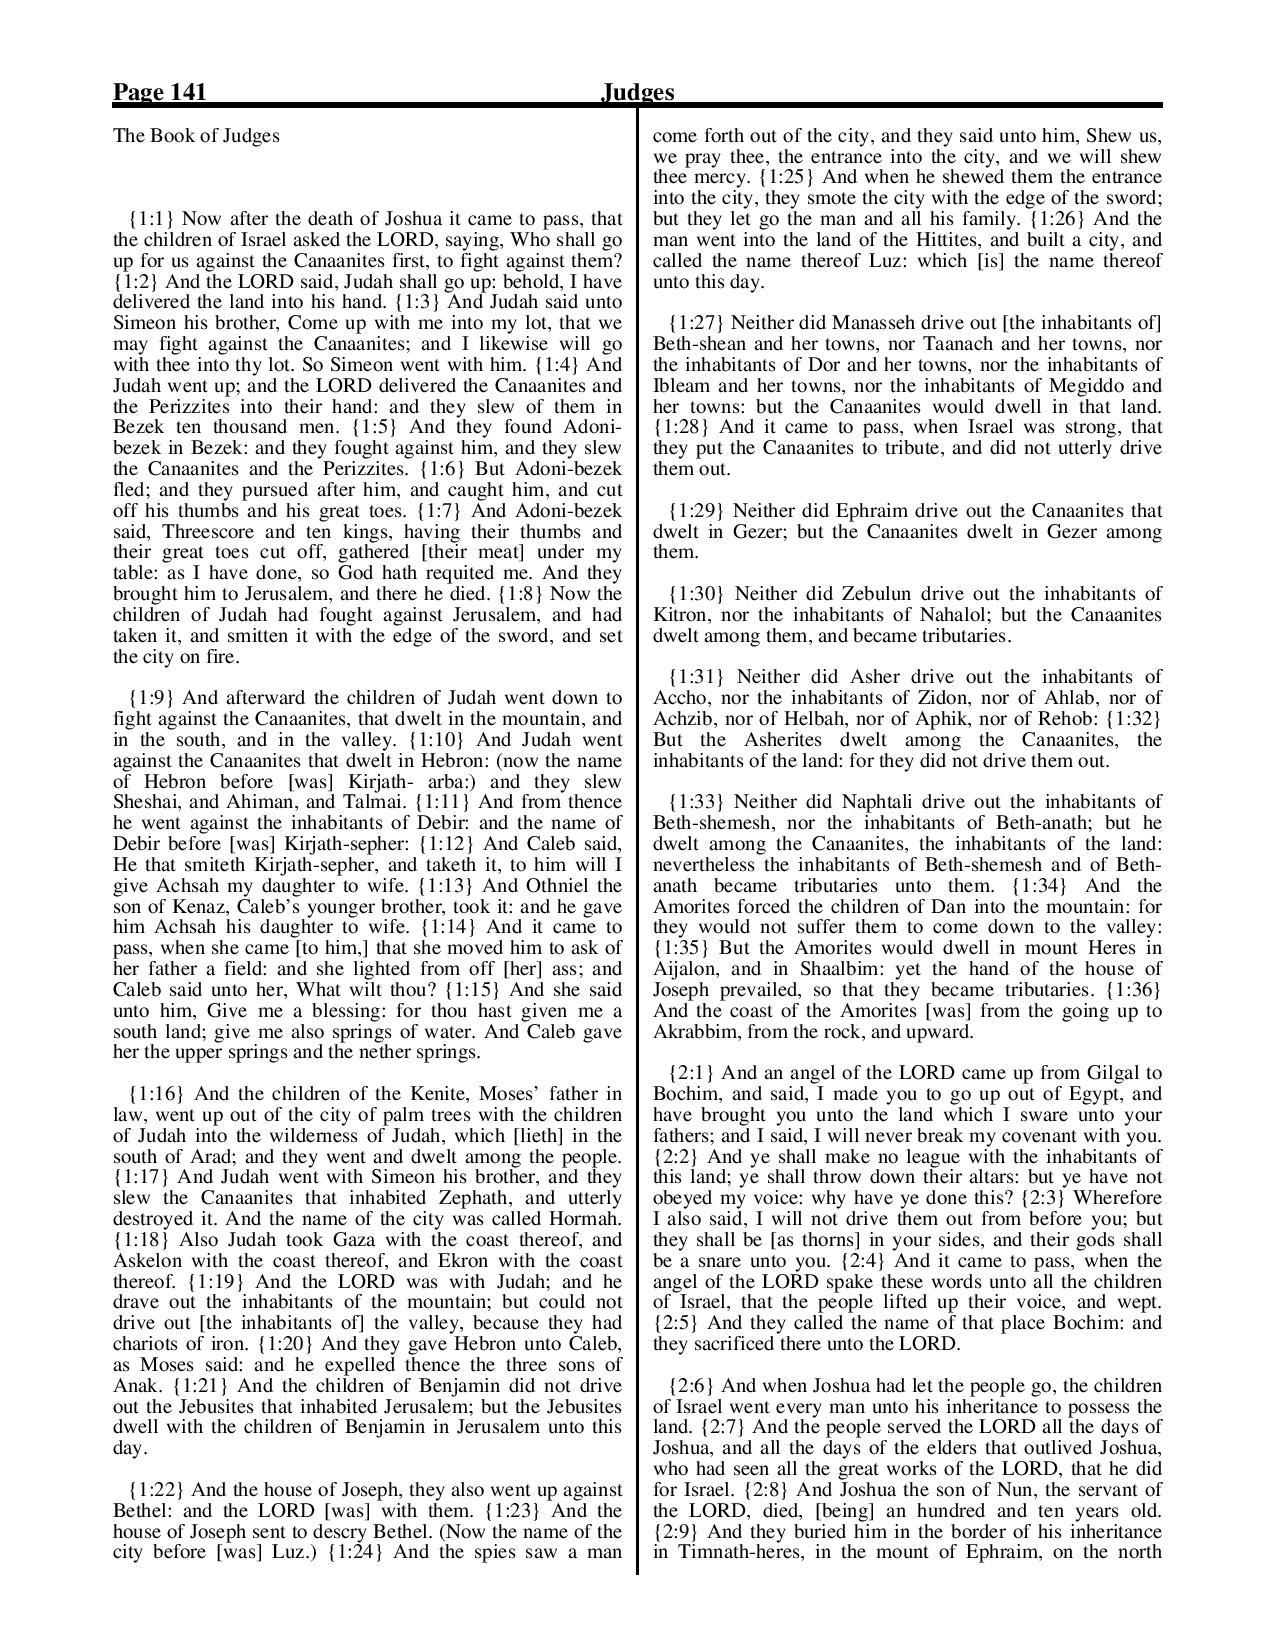 King-James-Bible-KJV-Bible-PDF-page-162